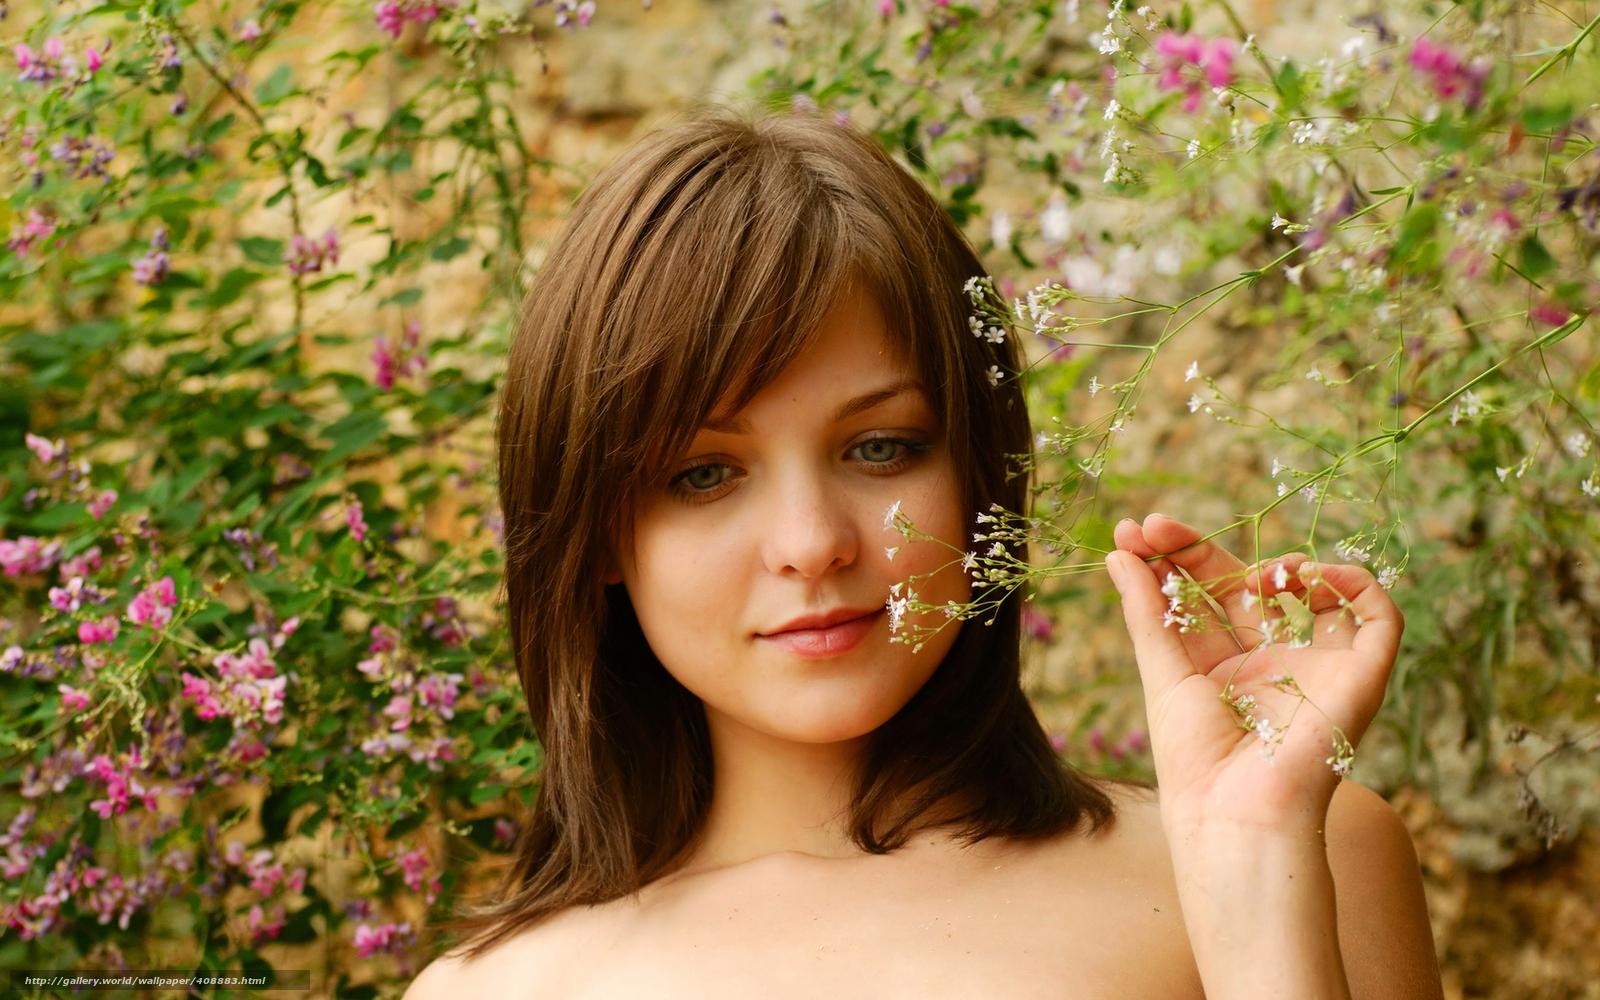 Фото из кустов молодых девушек 10 фотография